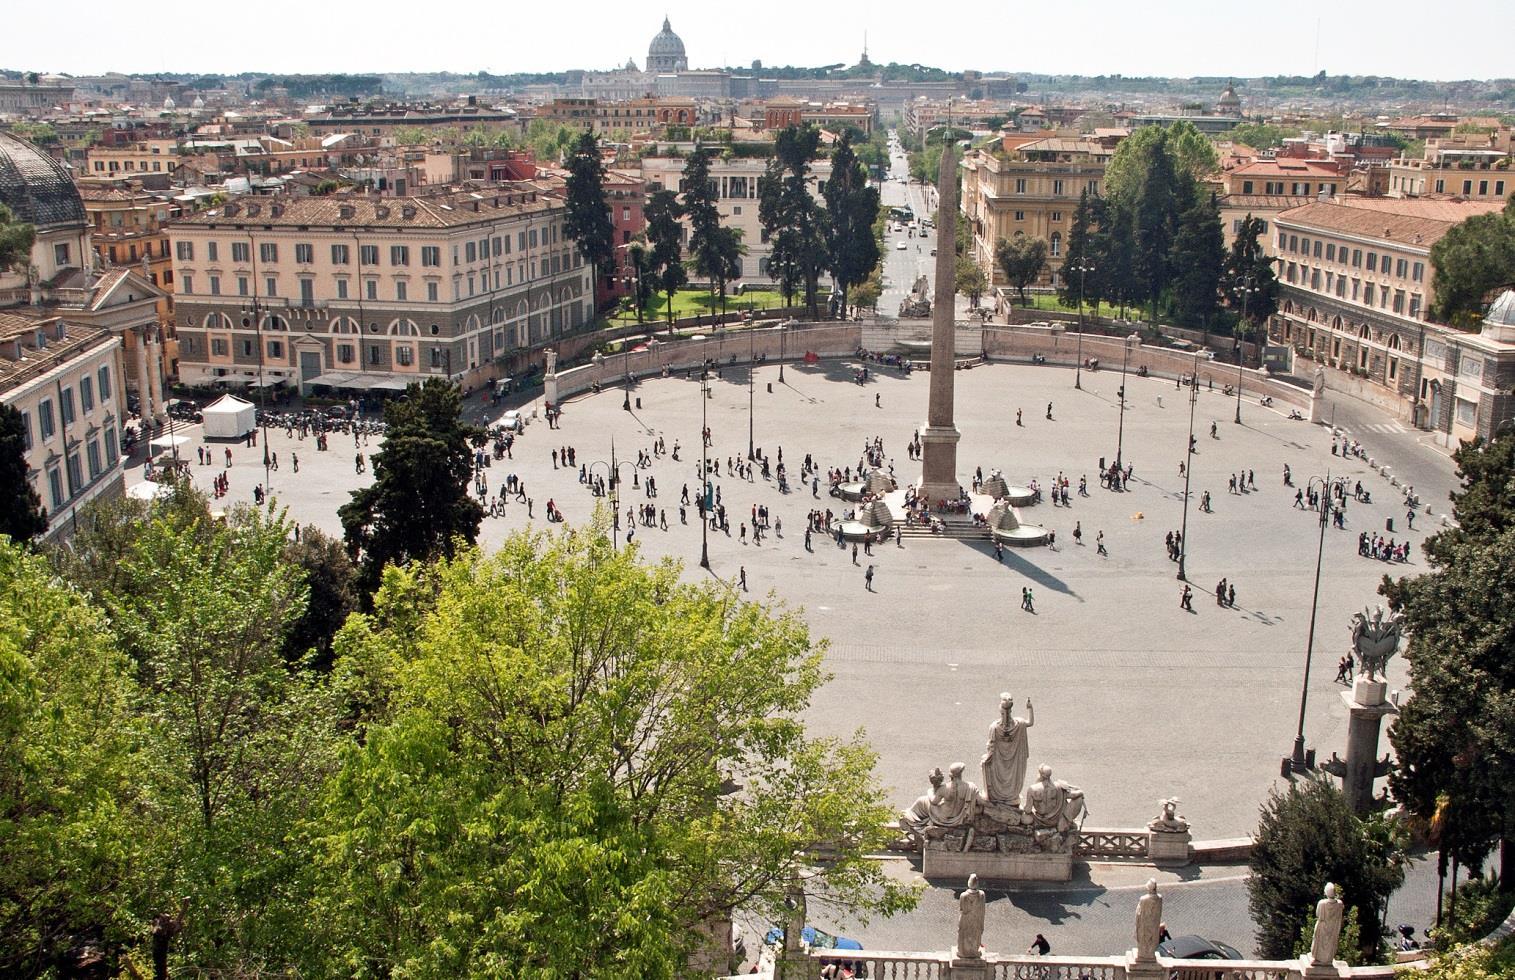 Piazza del Popolo-Campo Marzio